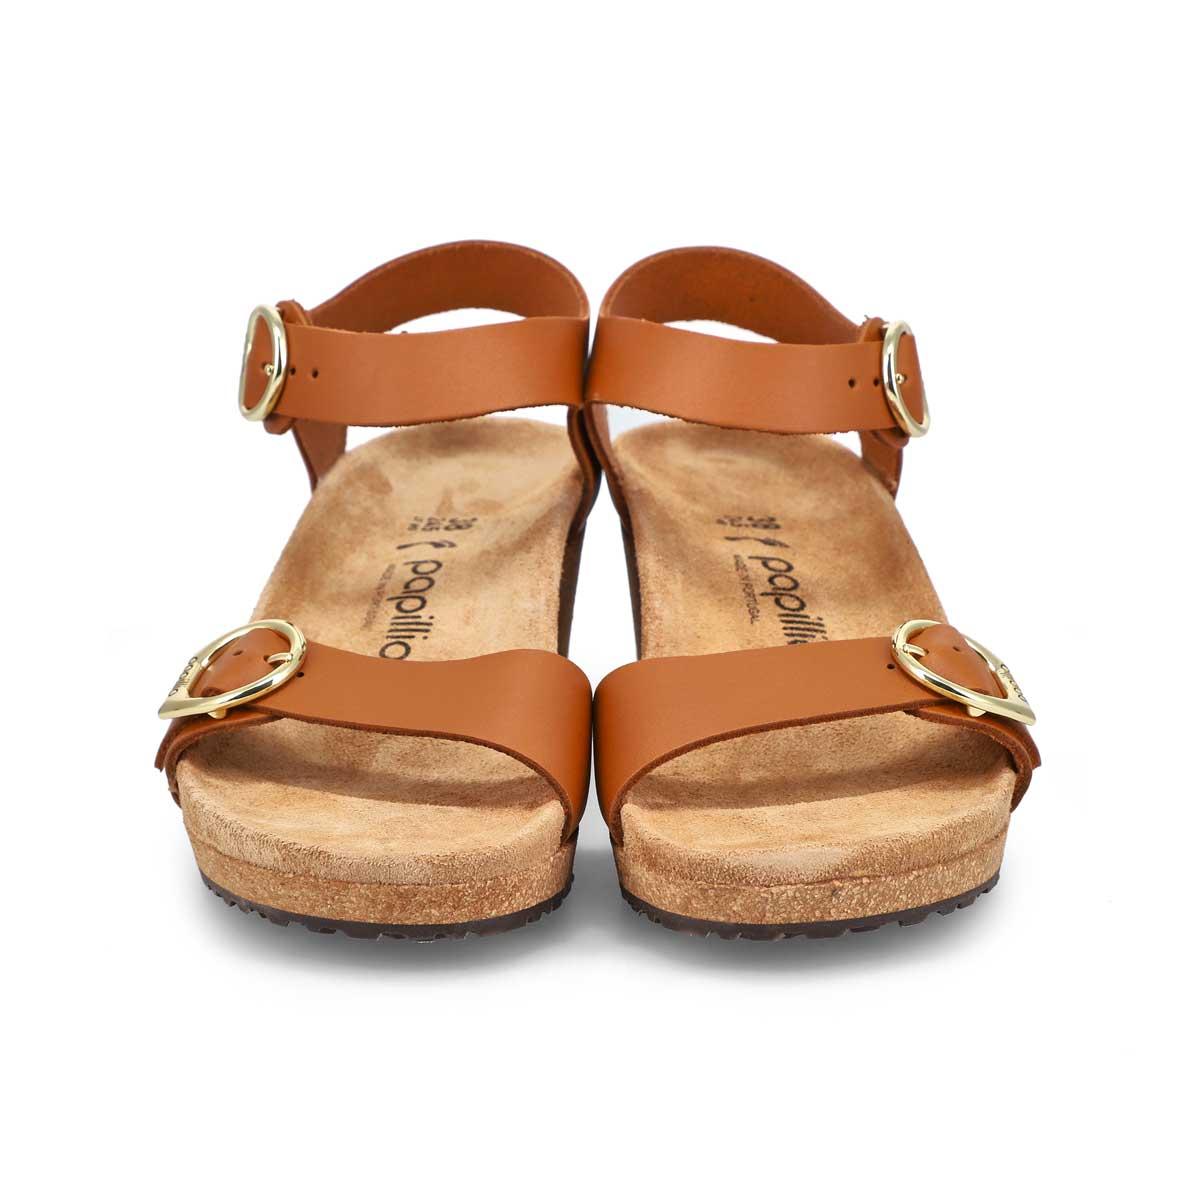 Sandale à talon compensé Soley, femmes - Rouille